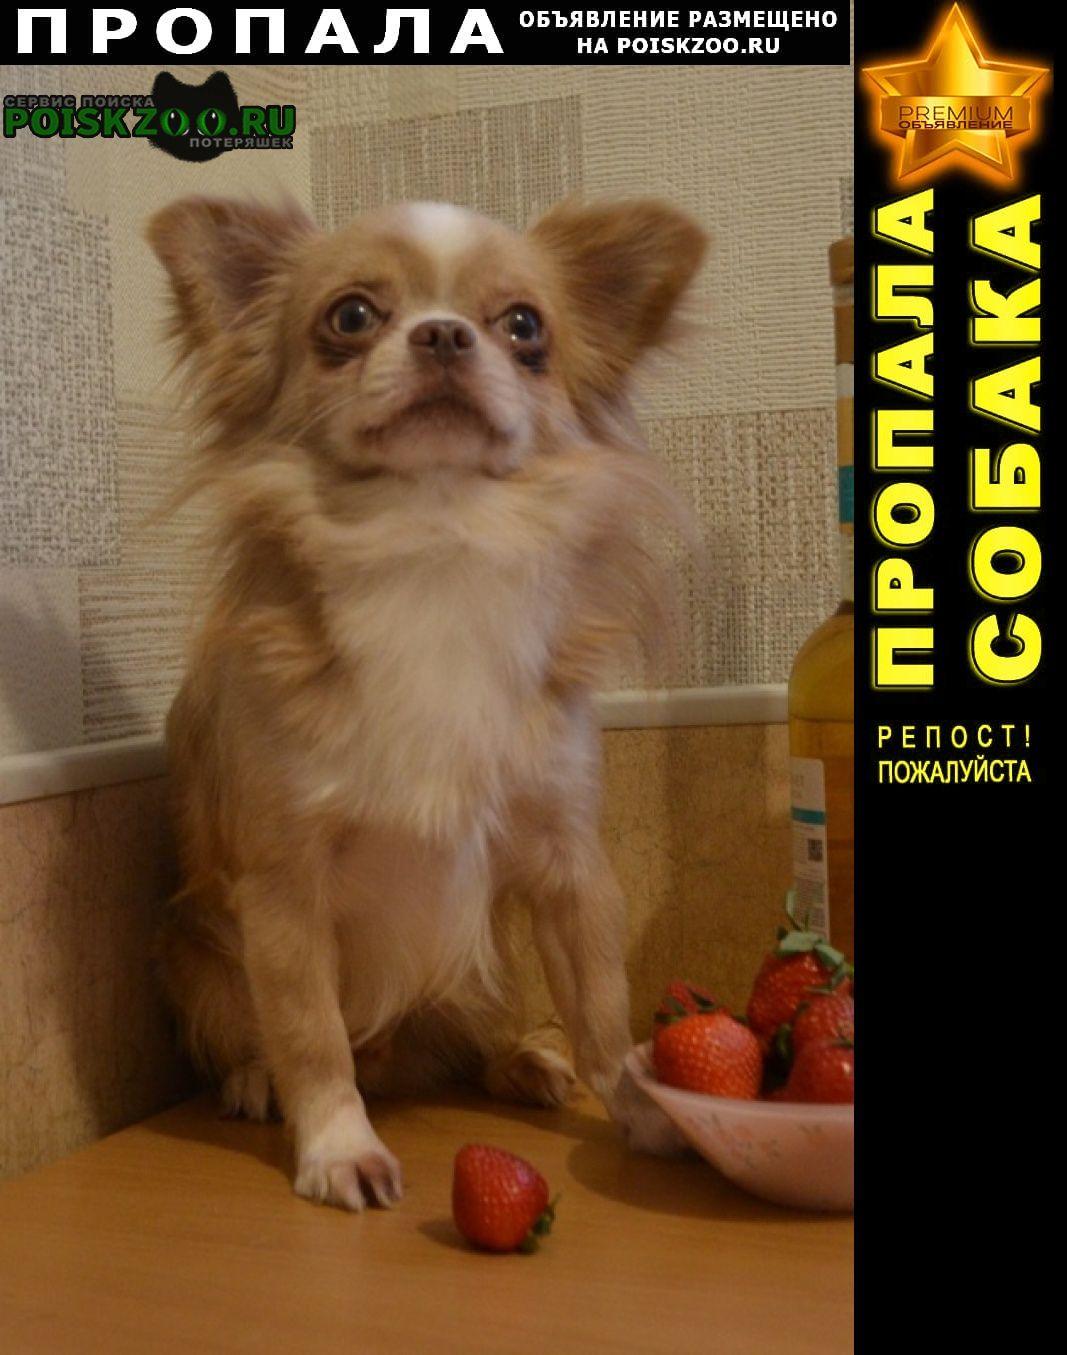 Санкт-Петербург Пропала собака кремовый кобель чихуа